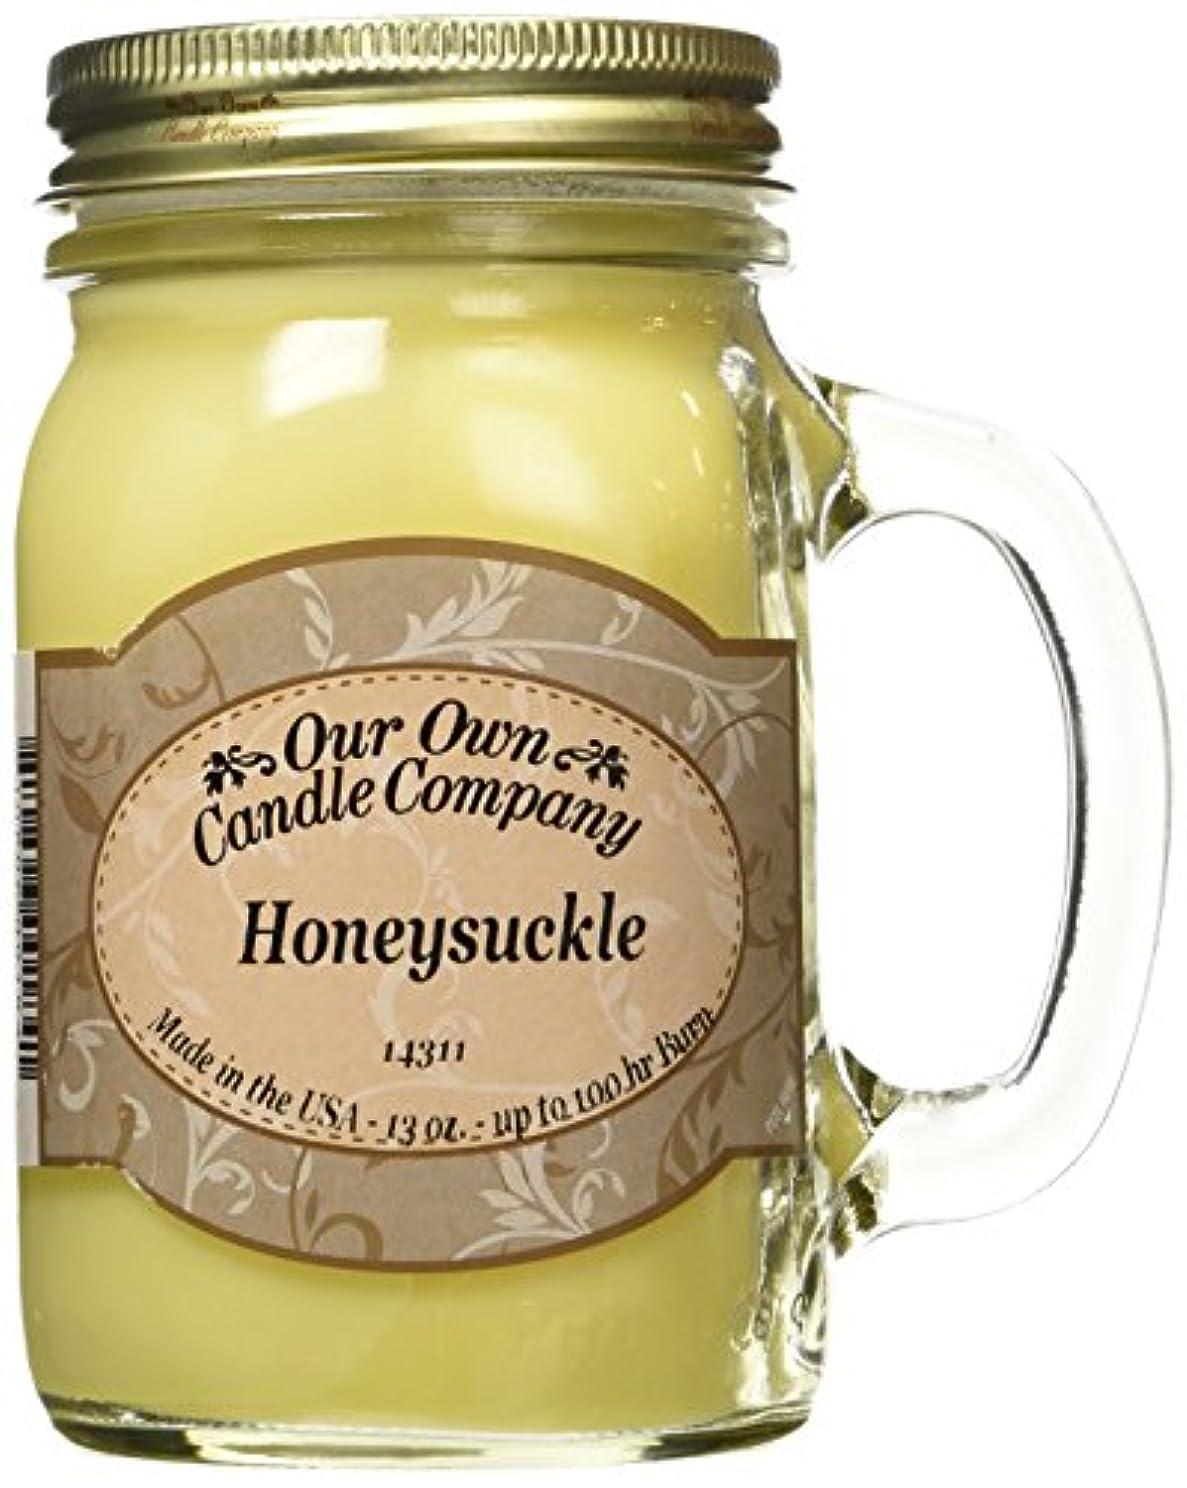 葉該当する豆アロマキャンドル メイソンジャー ハニーサックル ビッグ Our Own Candle Company Honeysuckle big 日本未発売フレグランス